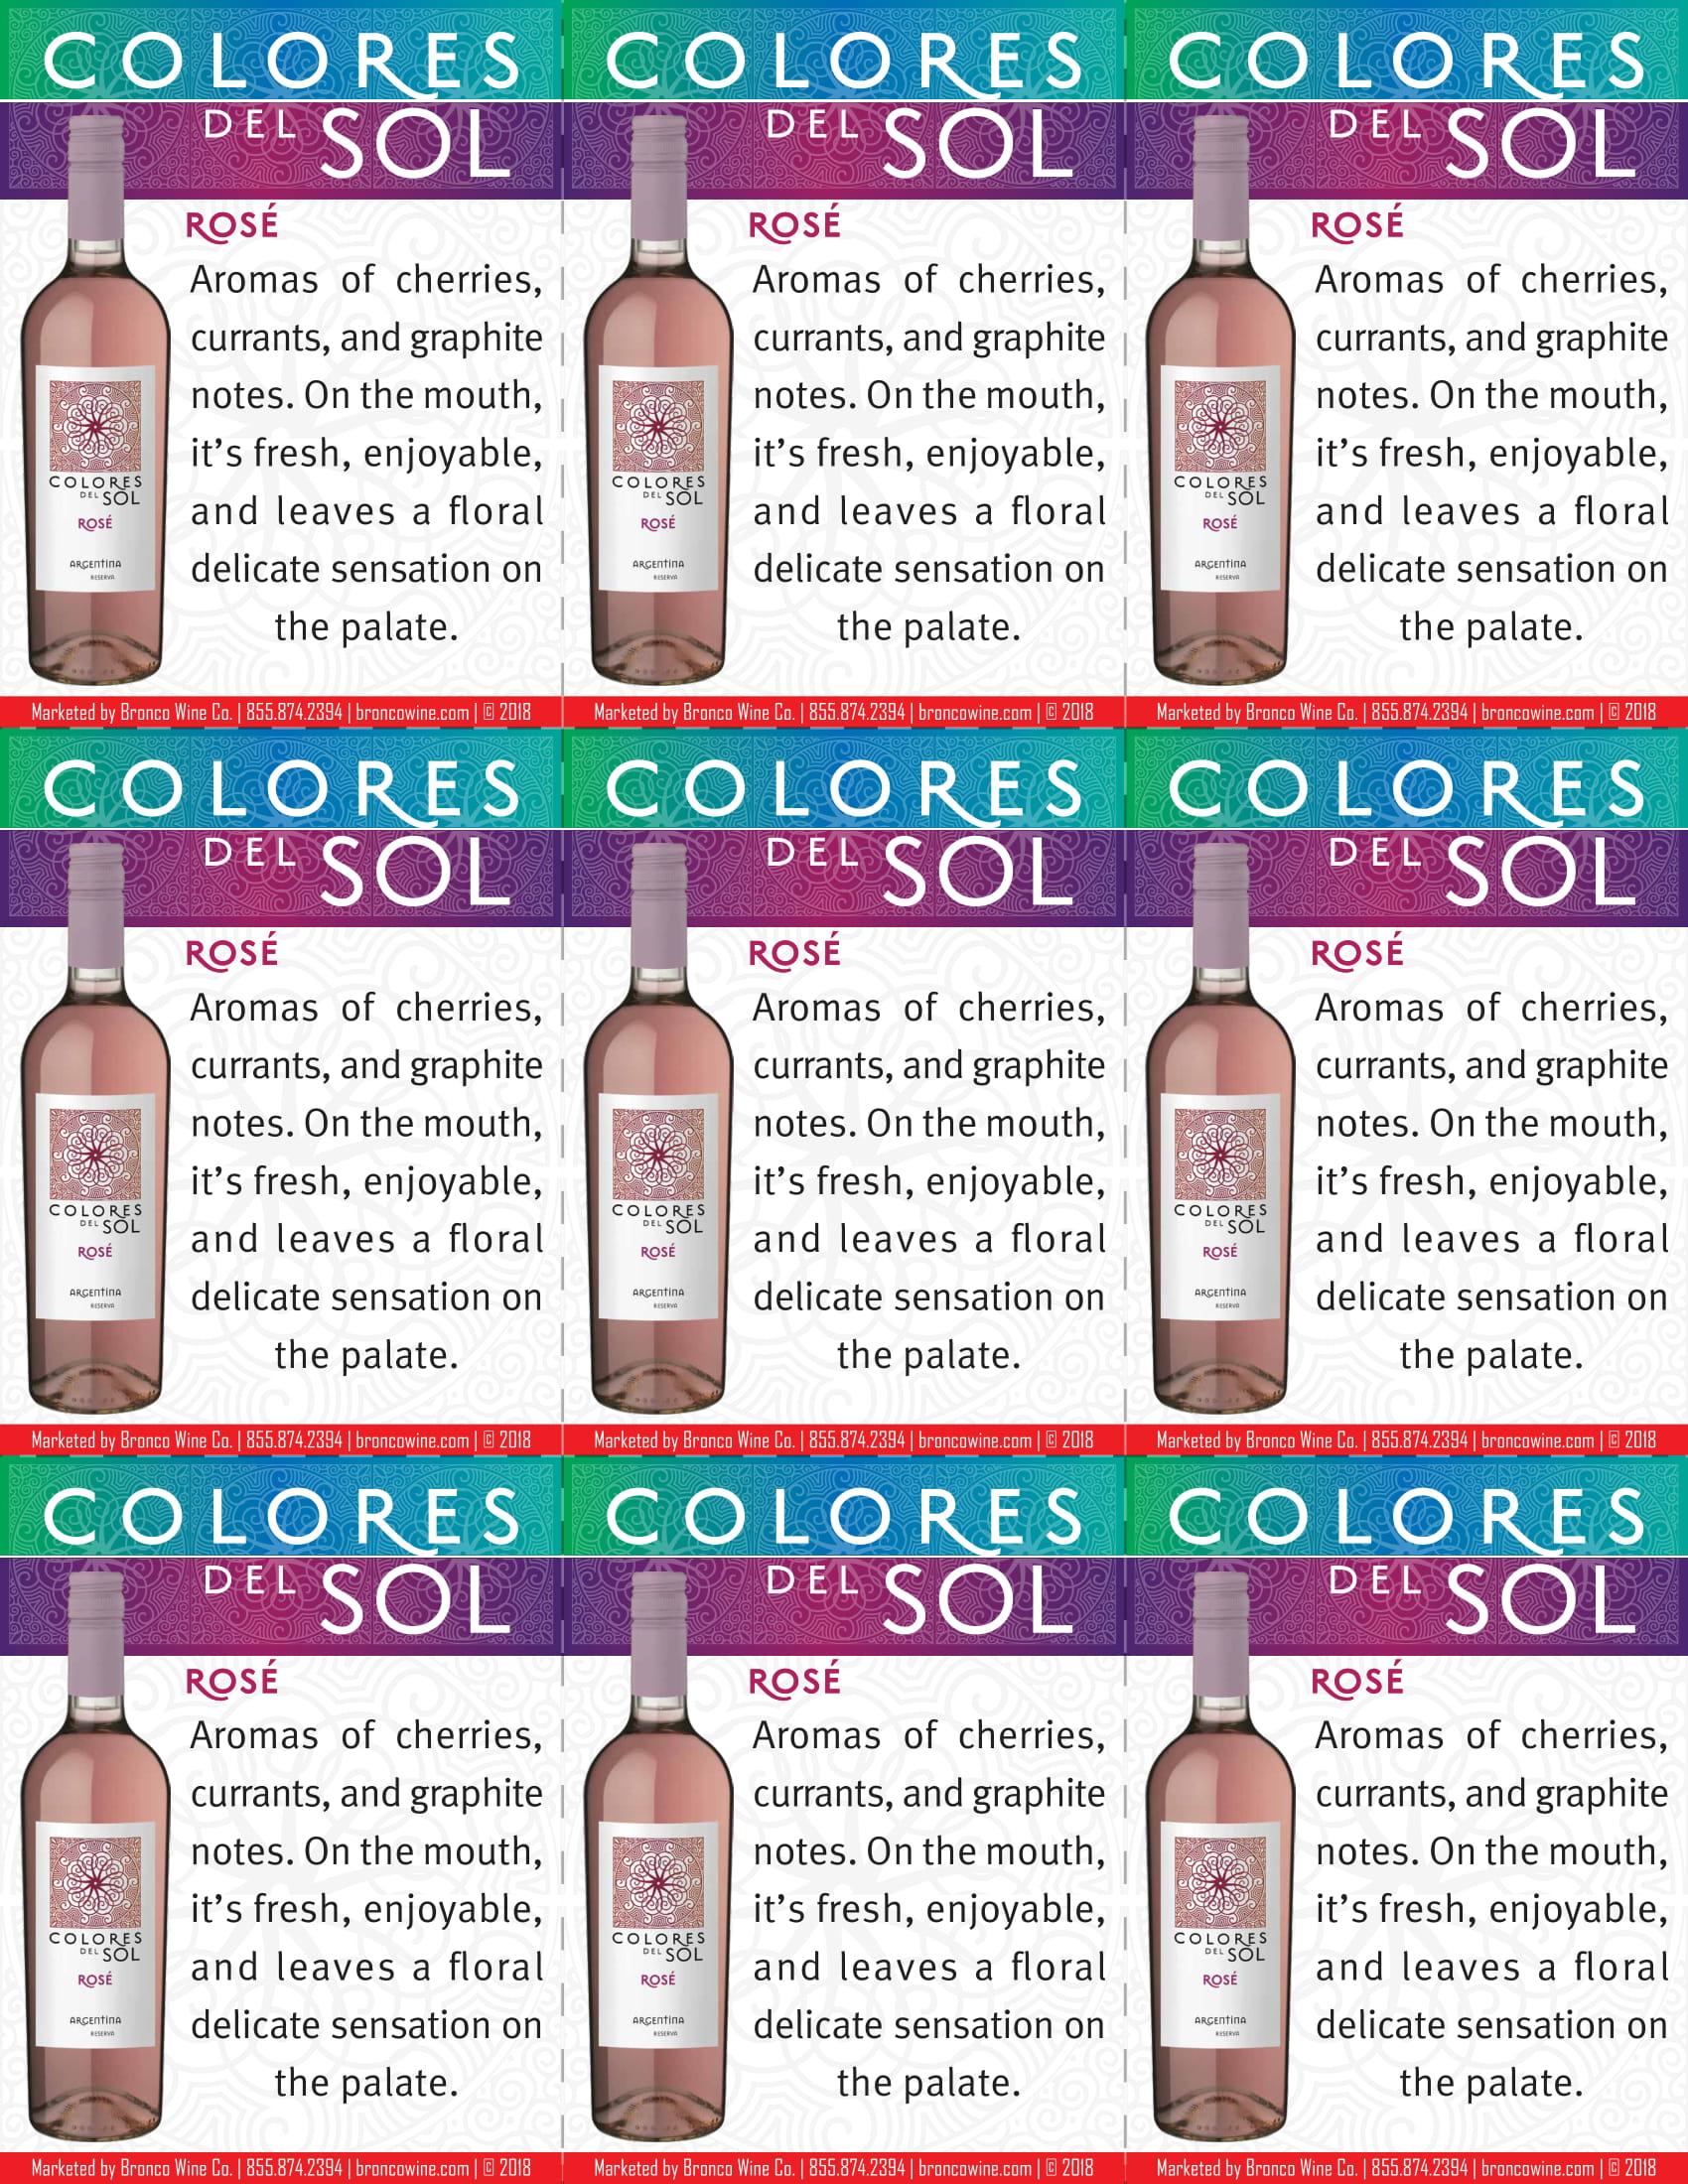 Colores Del Sol Rosé Shelf Talkers